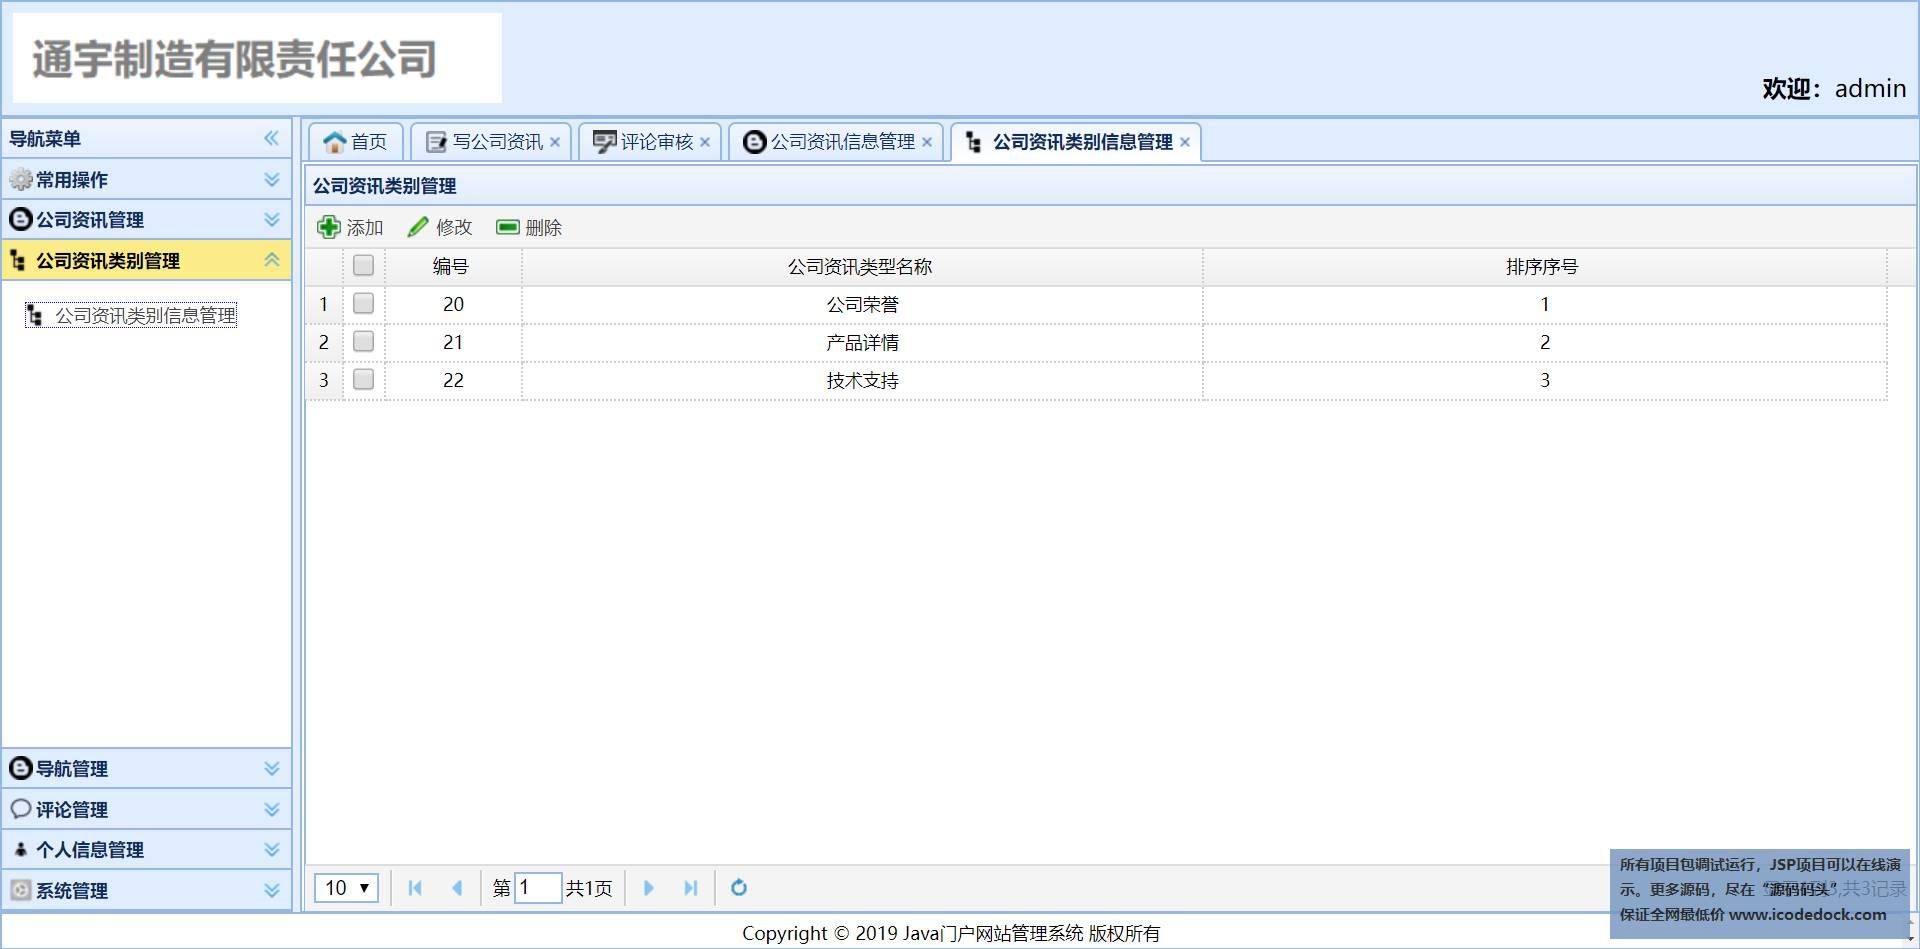 源码码头-SSM企业官方网站-管理员角色-公司资讯类别信息管理